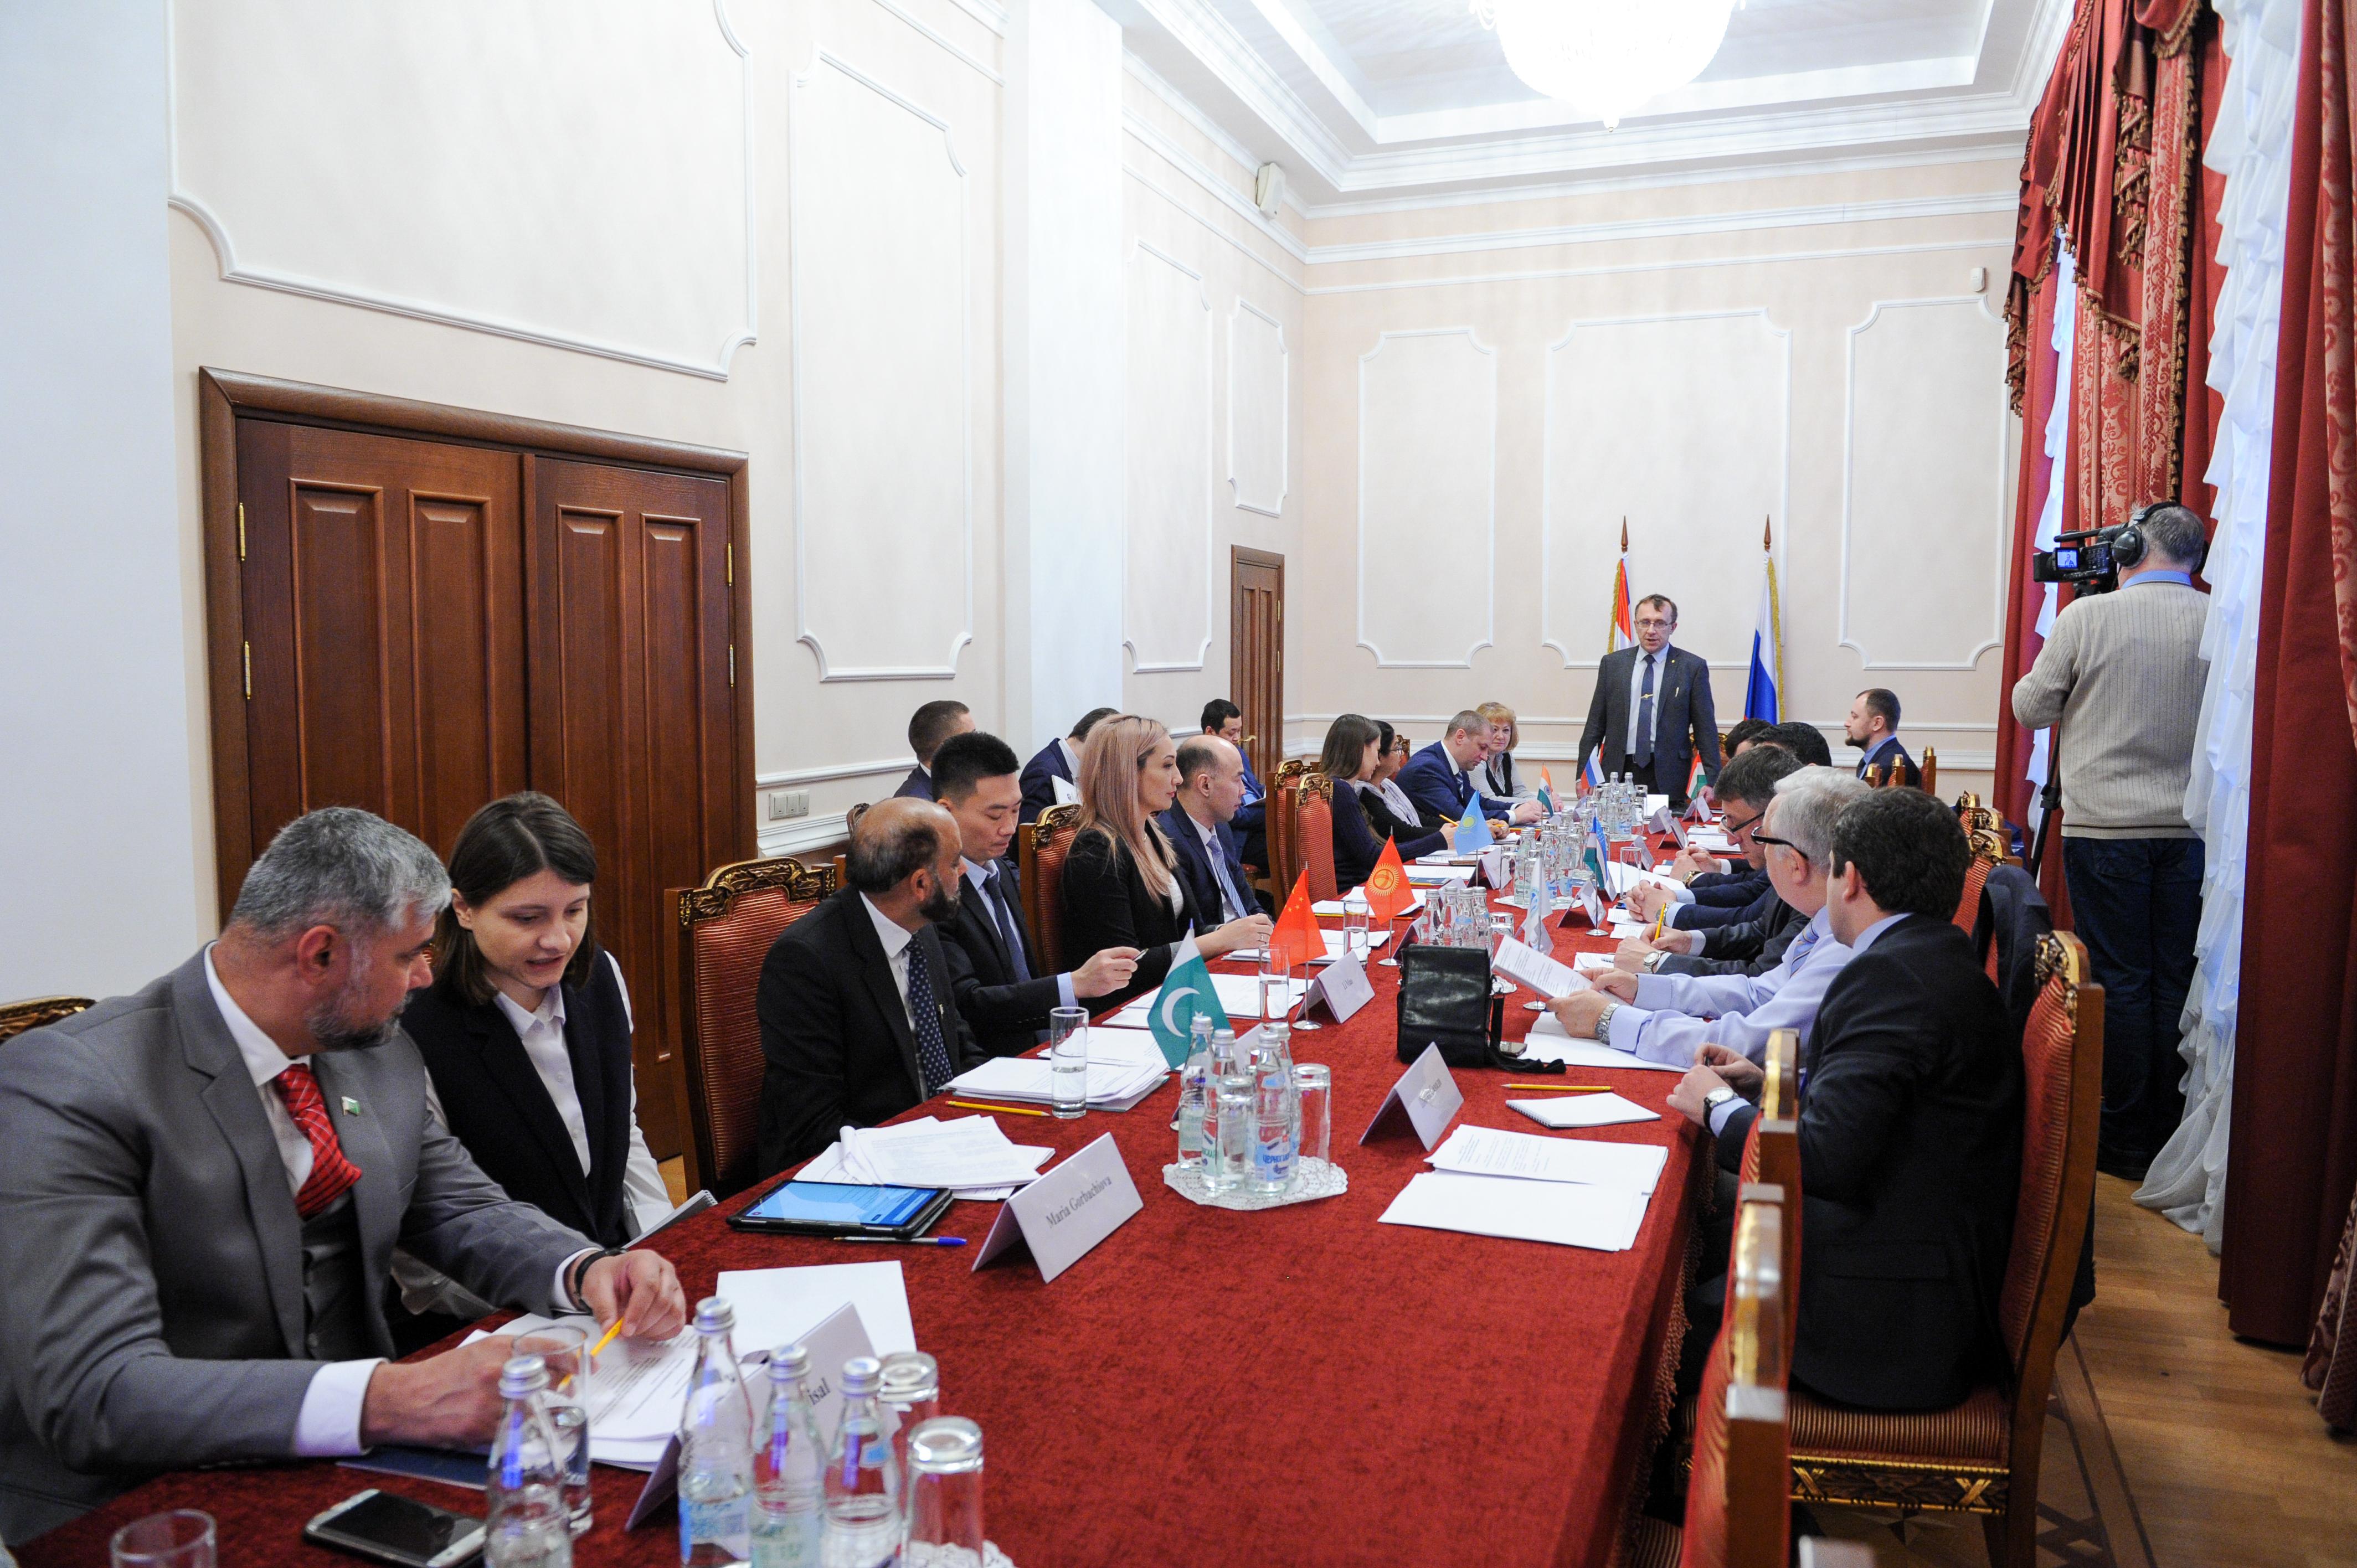 В Москве прошло заседание экспертов по борьбе с наркотиками государств-членов ШОС